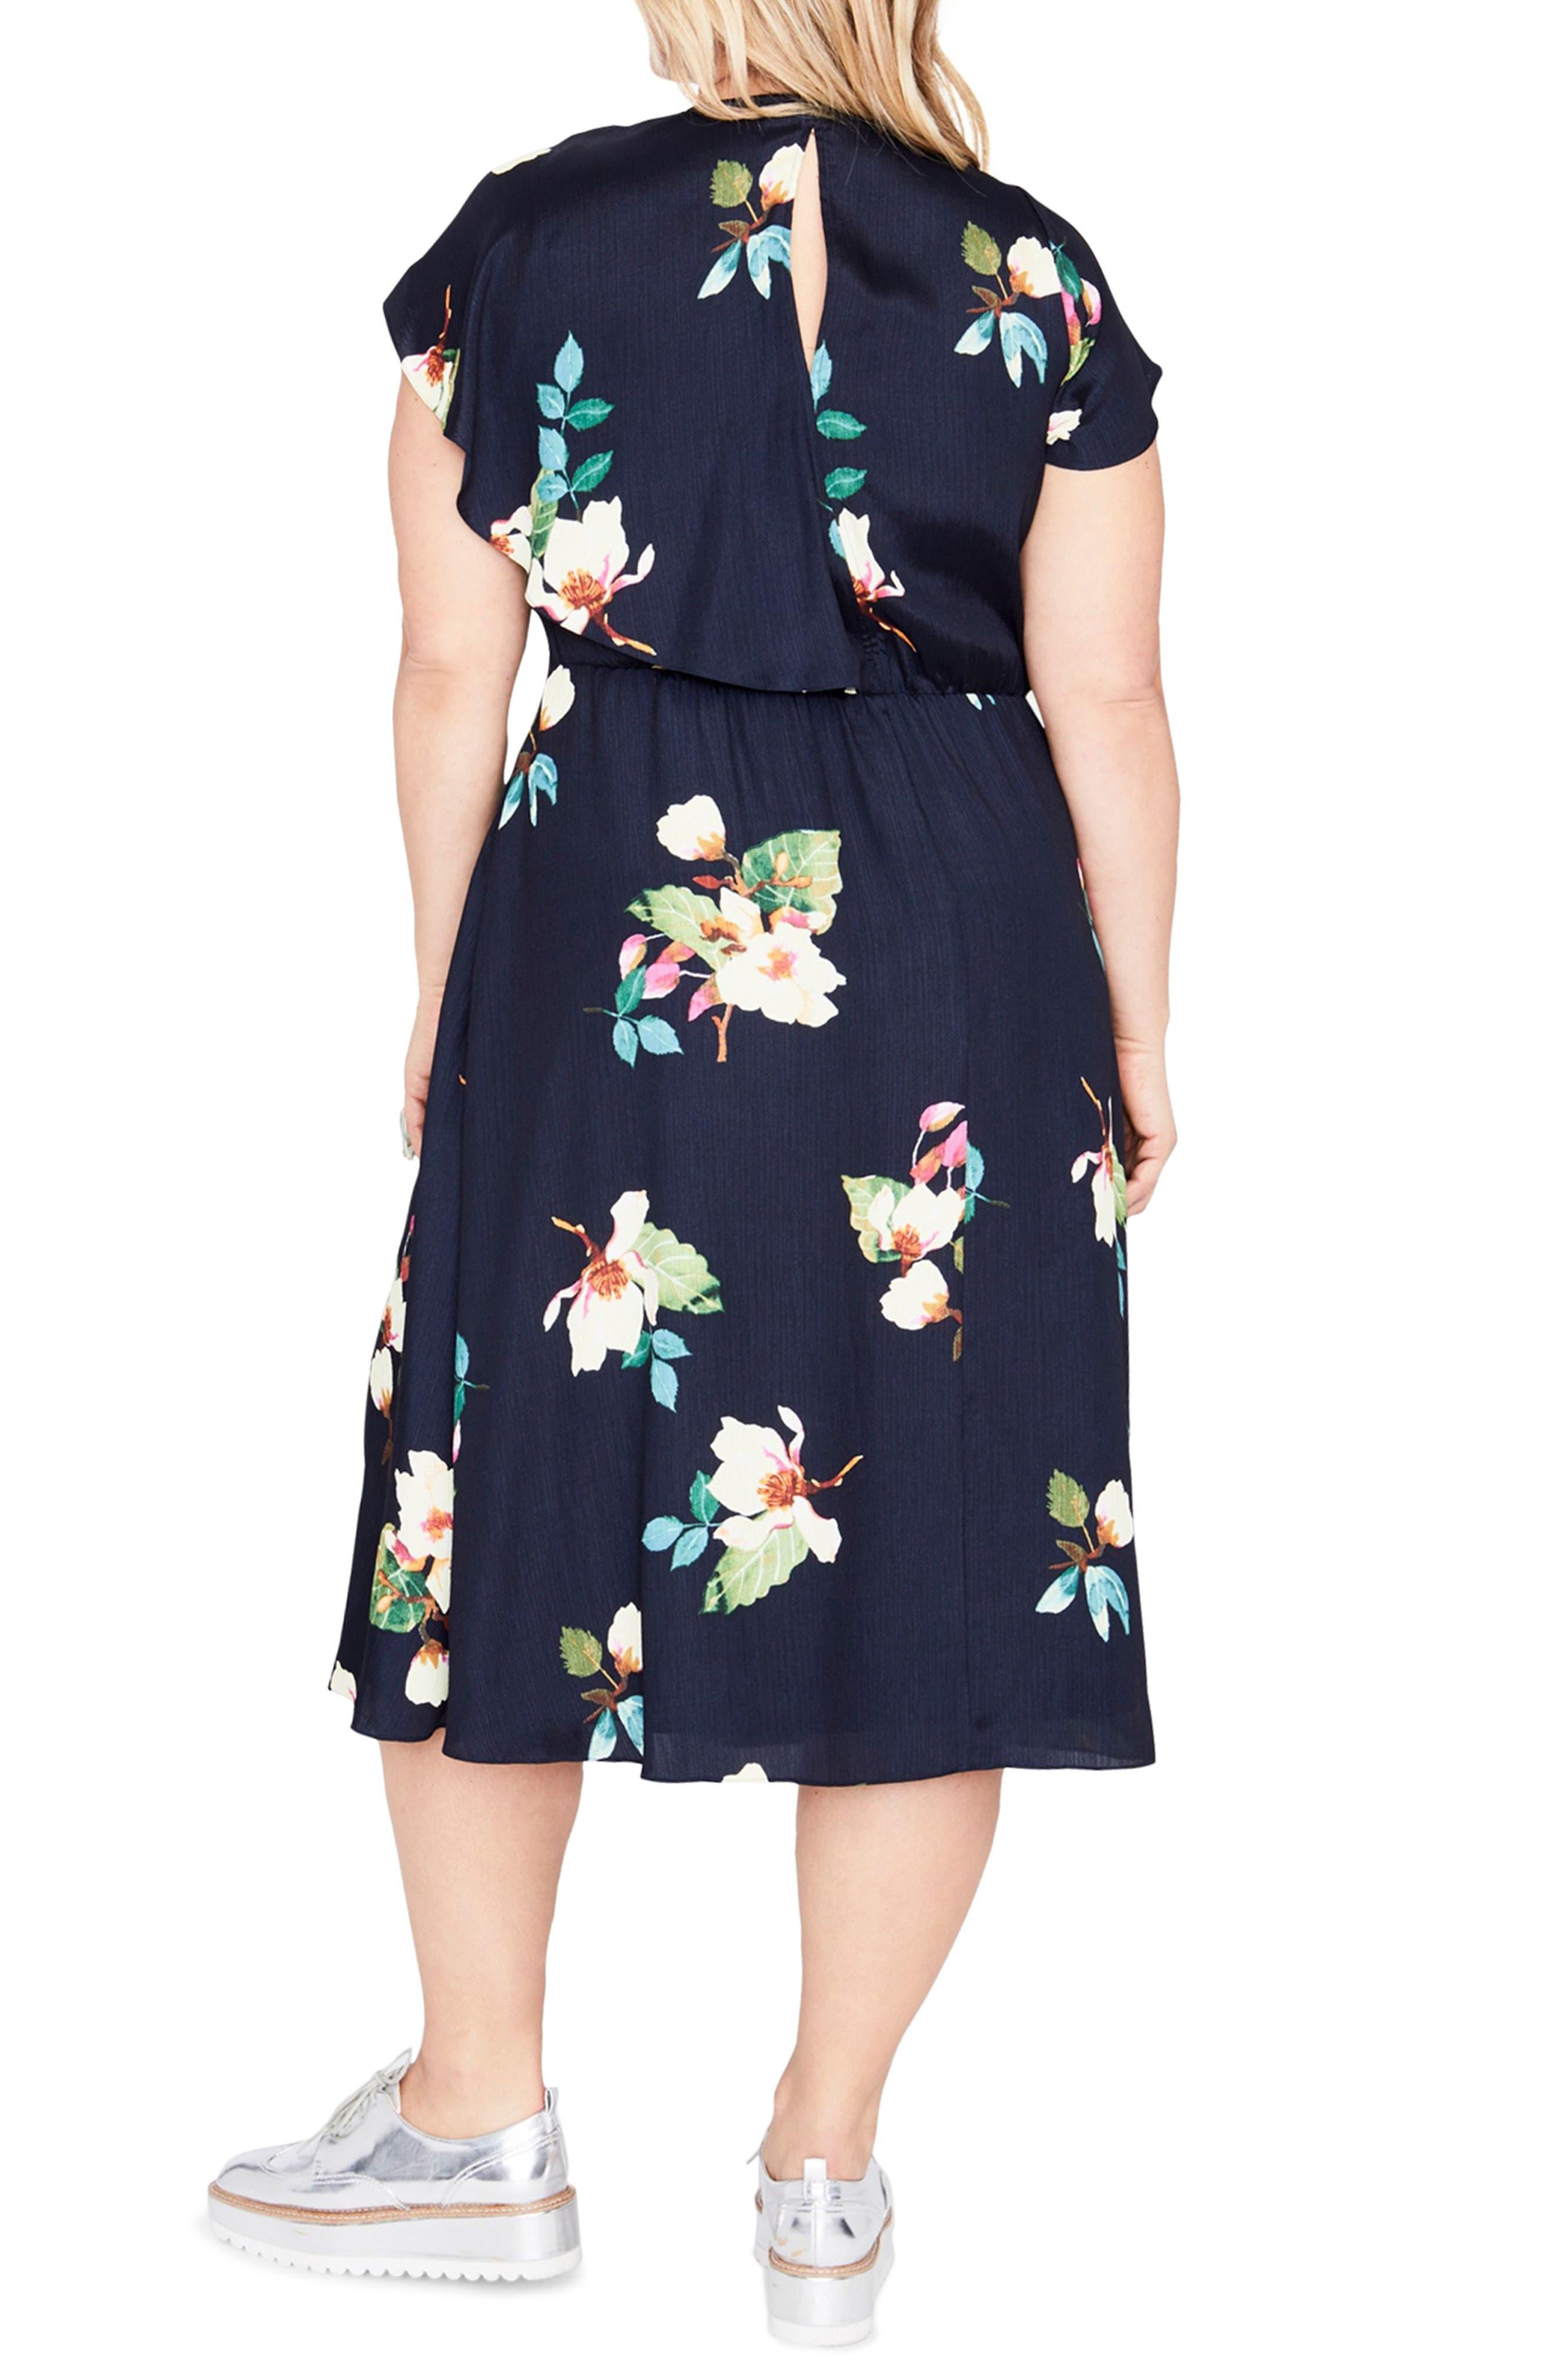 Magnolia Midi Dress,                             Alternate thumbnail 2, color,                             432